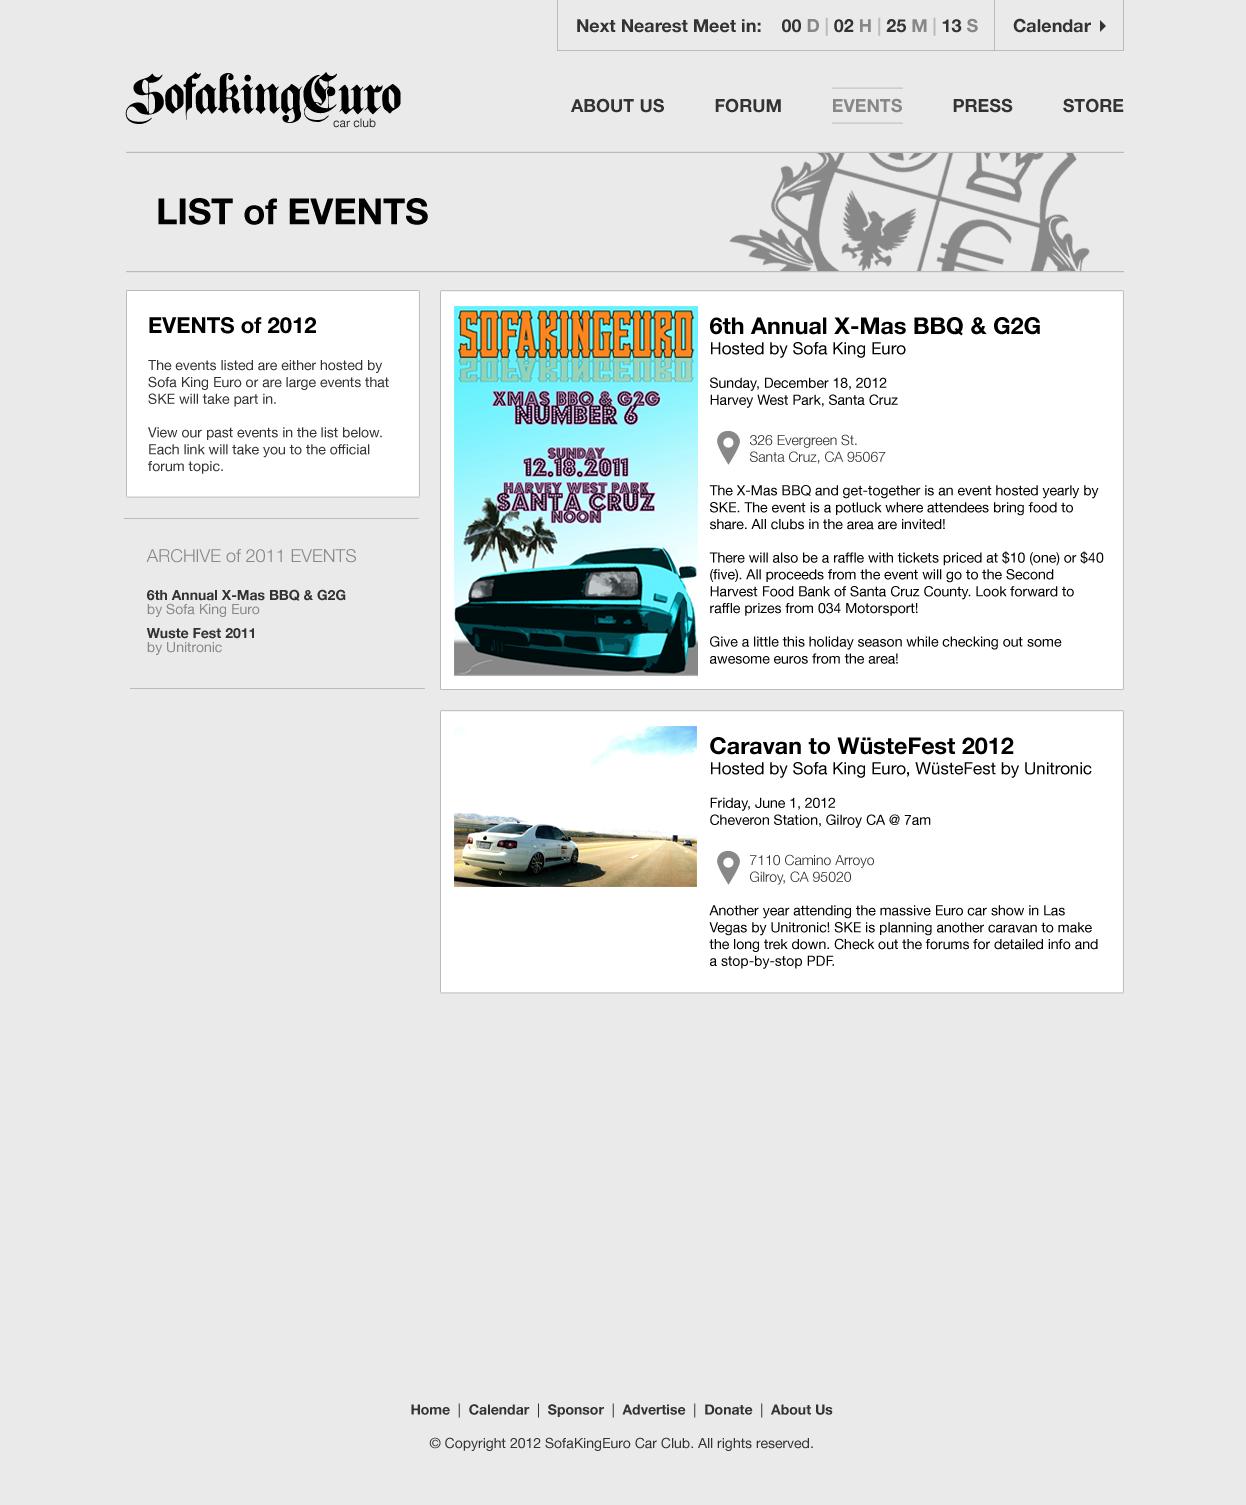 SKE-Mockup-Events